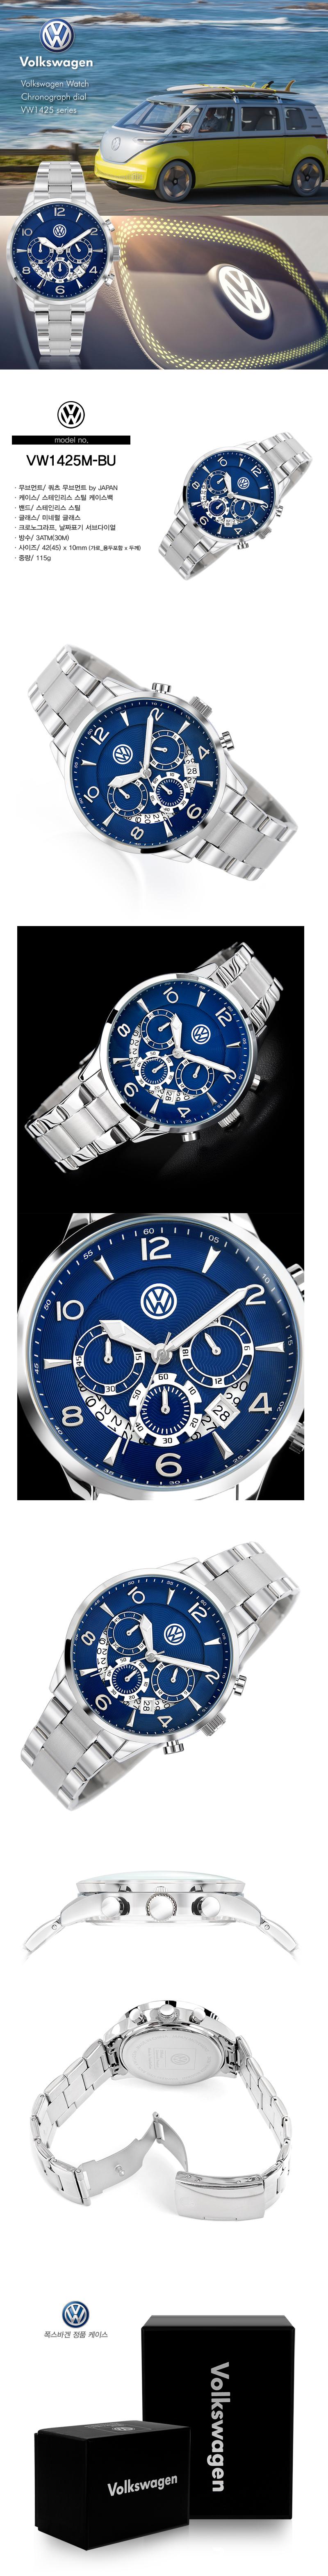 폭스바겐 와치(VOLKSVAGEN WATCH) 폭스바겐 크로노그래프 메탈시계 VW1425M-BU